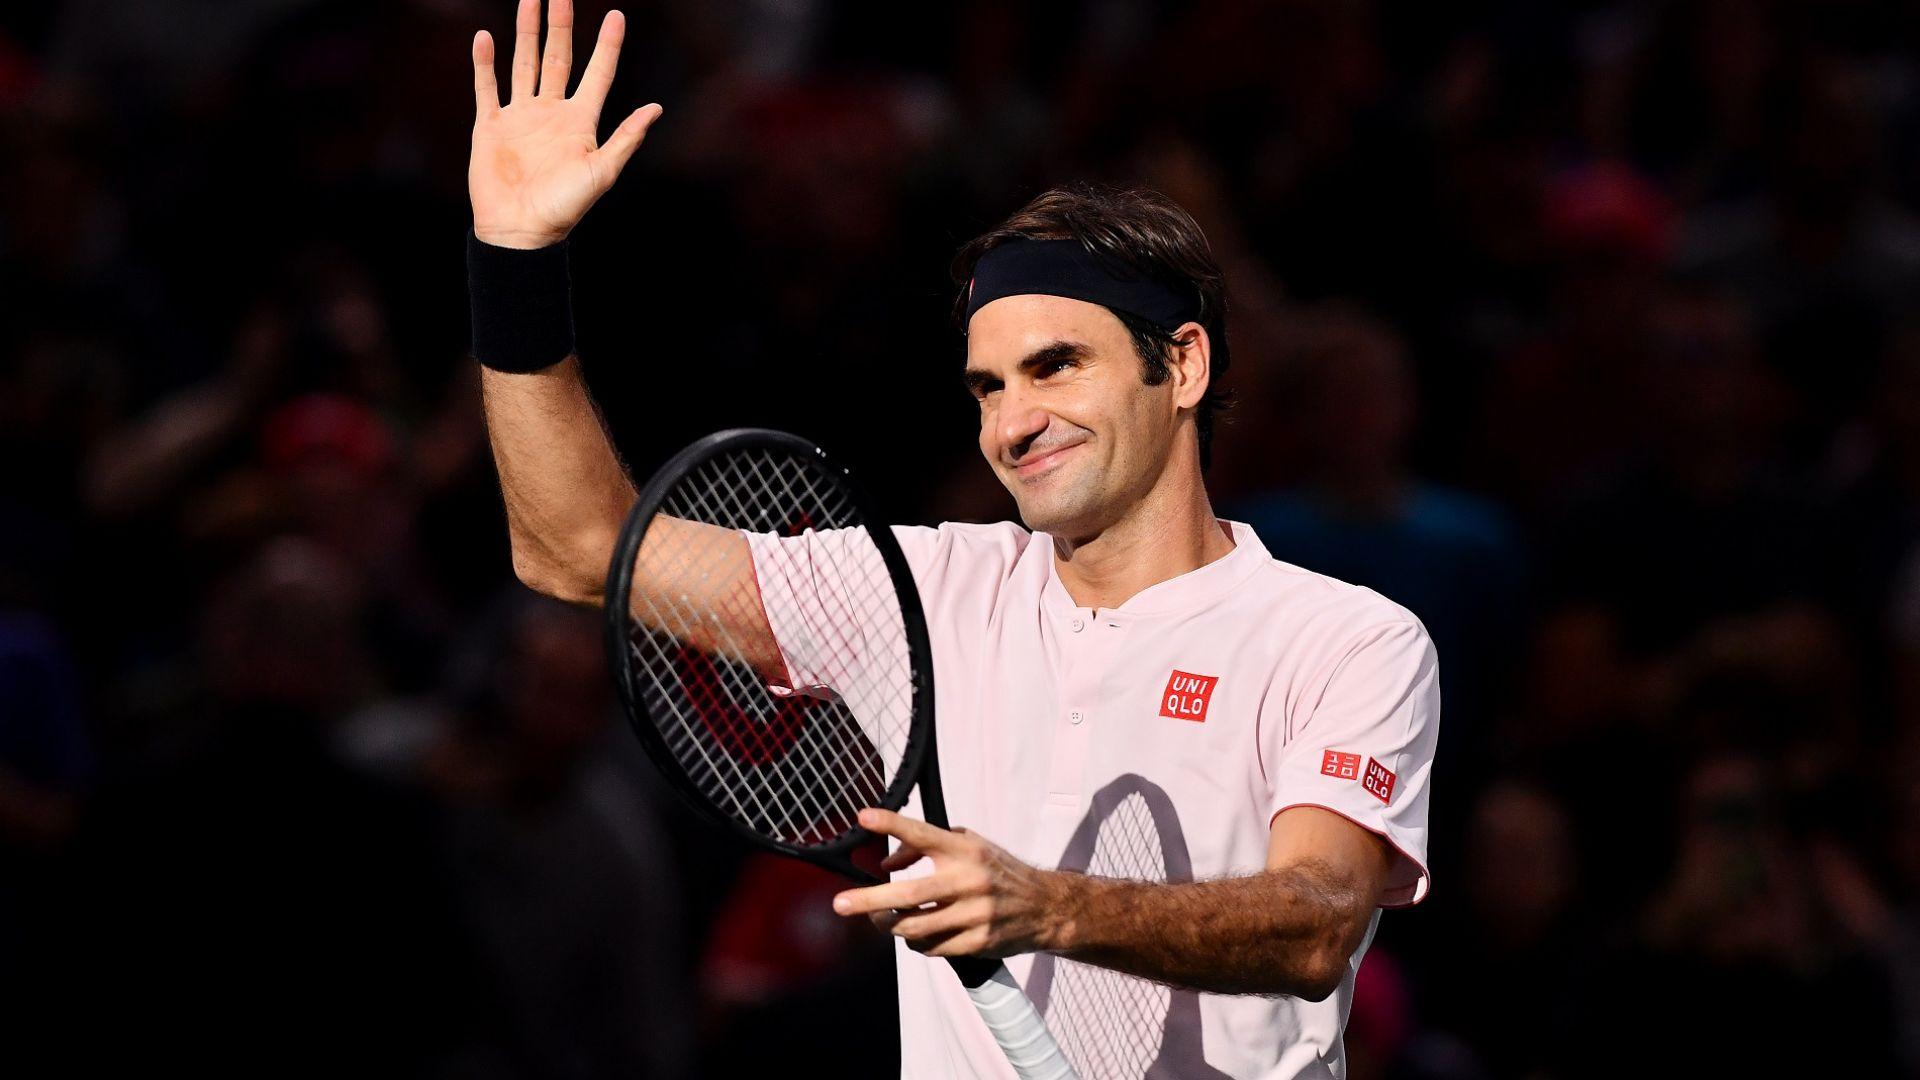 Големият Федерер празнува 1000 седмици в елита на тениса